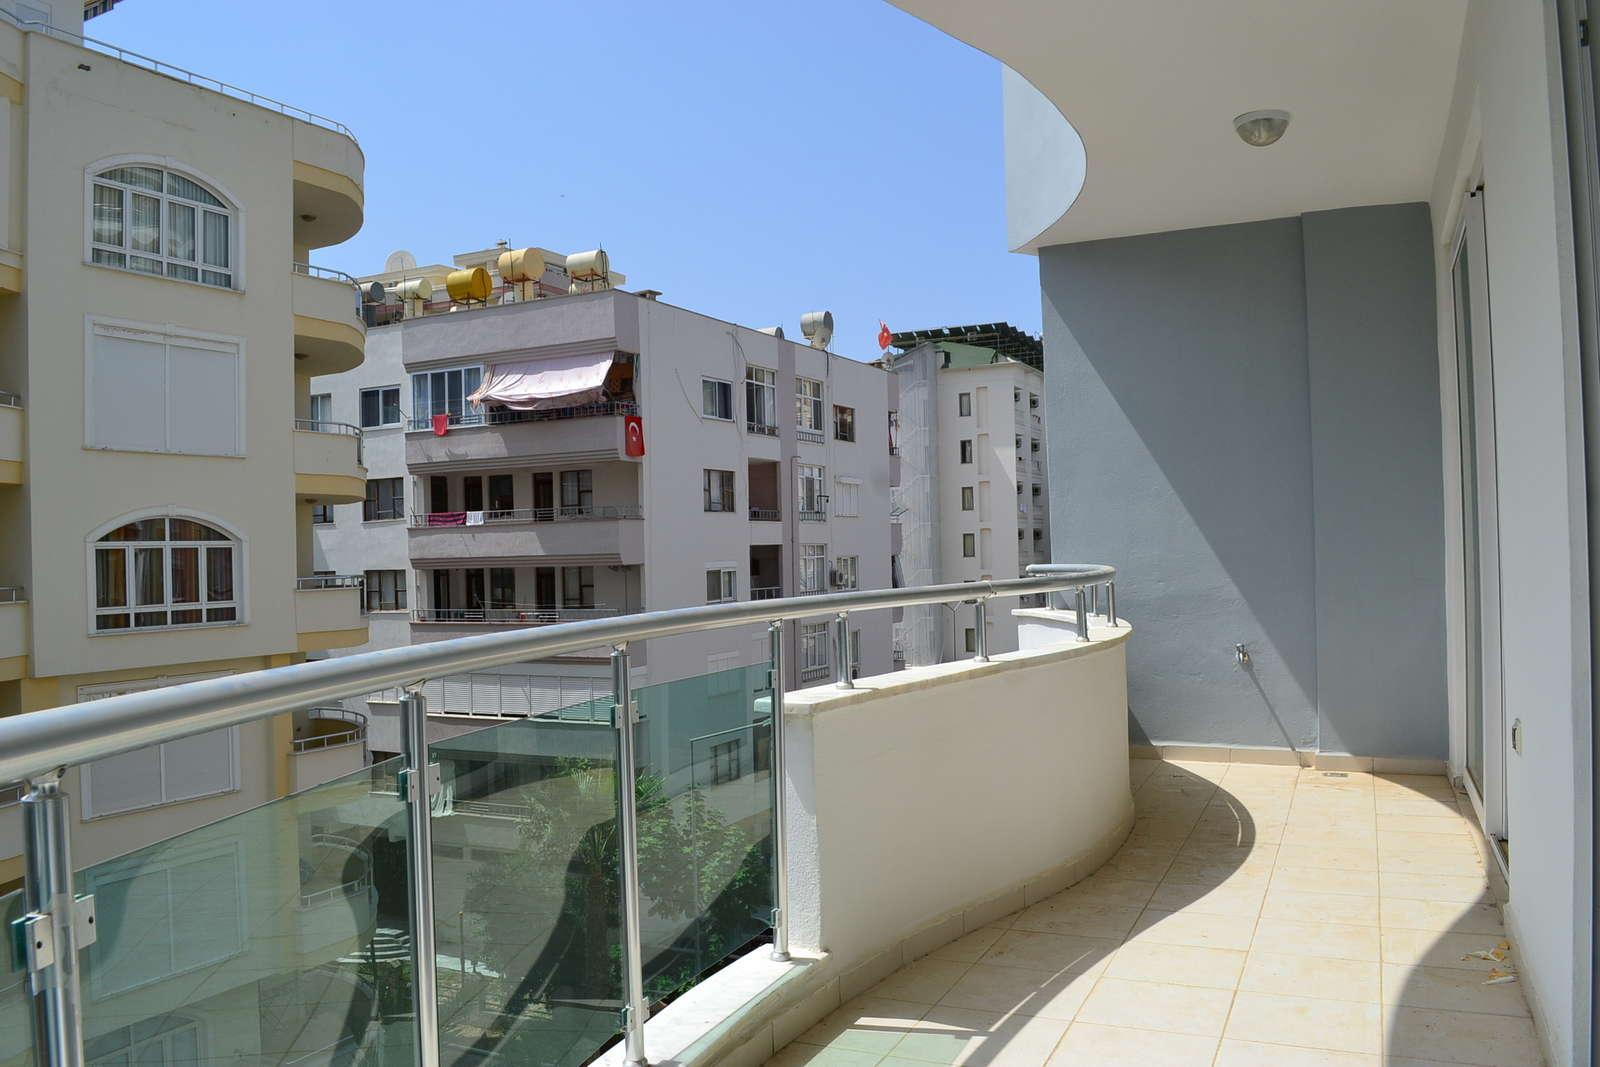 Квартира в Турции 1+1 новые 2х кмн апартаметы в ЖК с бассейном. Море — 200м., вид на детс. площадку. Цена всего 35.000 евро. Очень срочно!